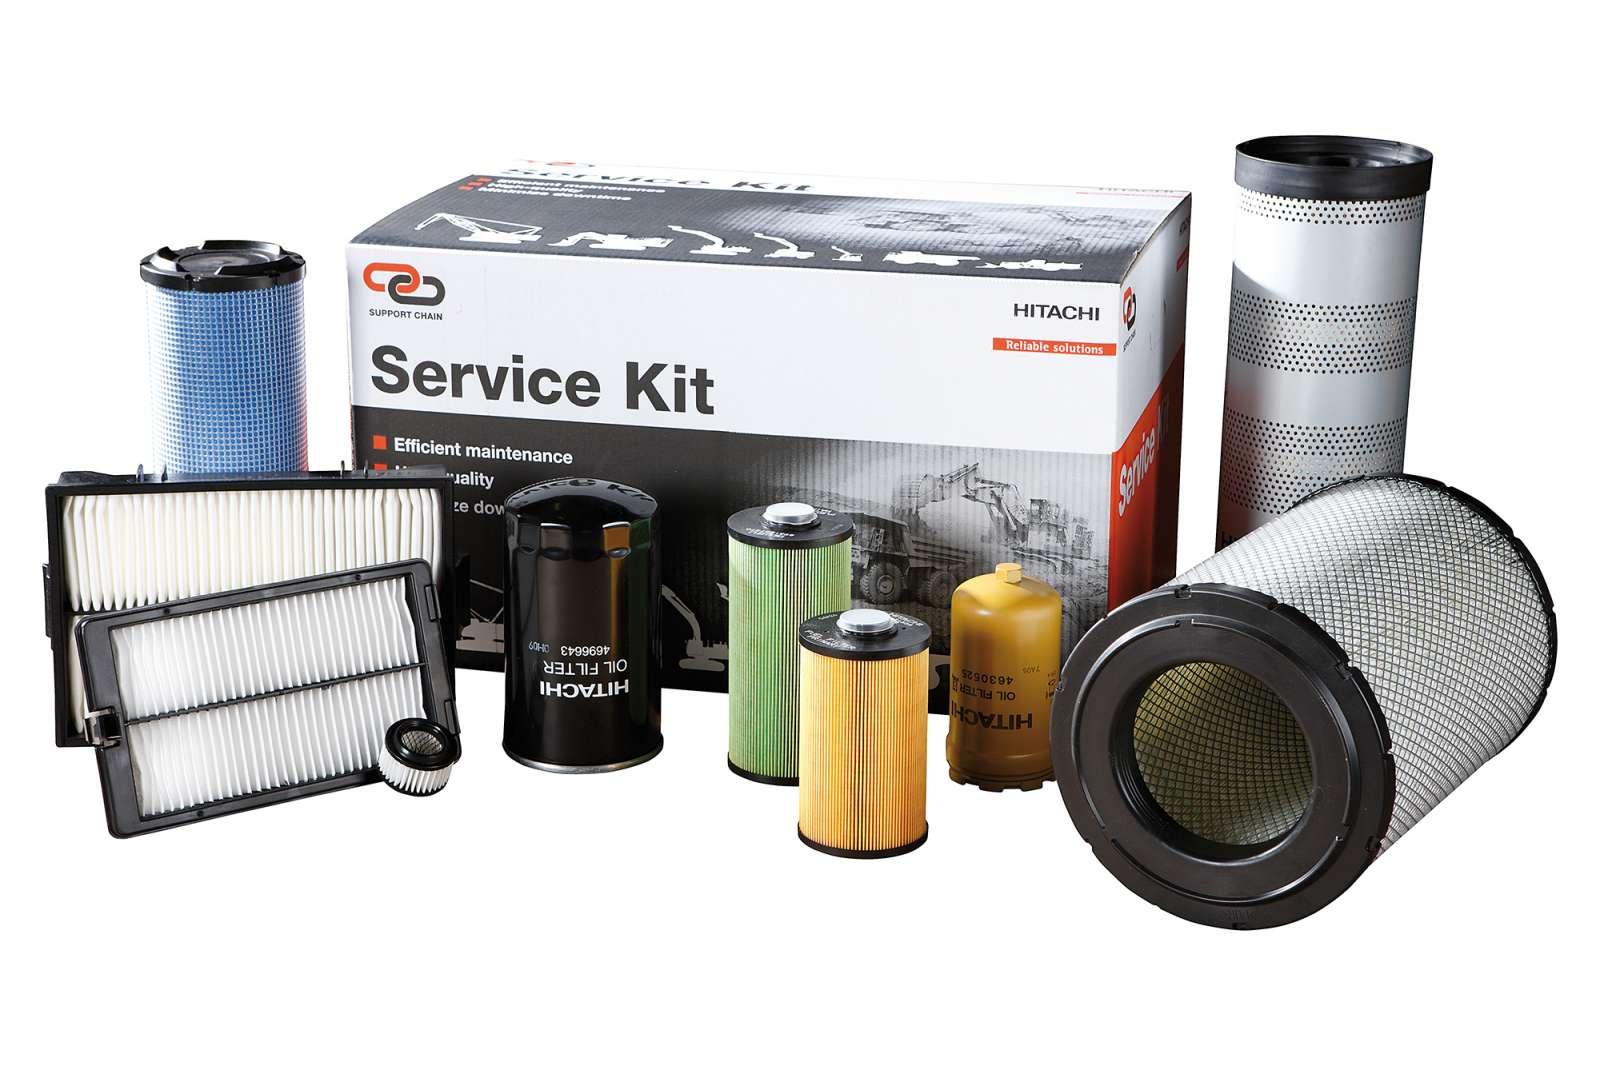 Hitachi Service Kit